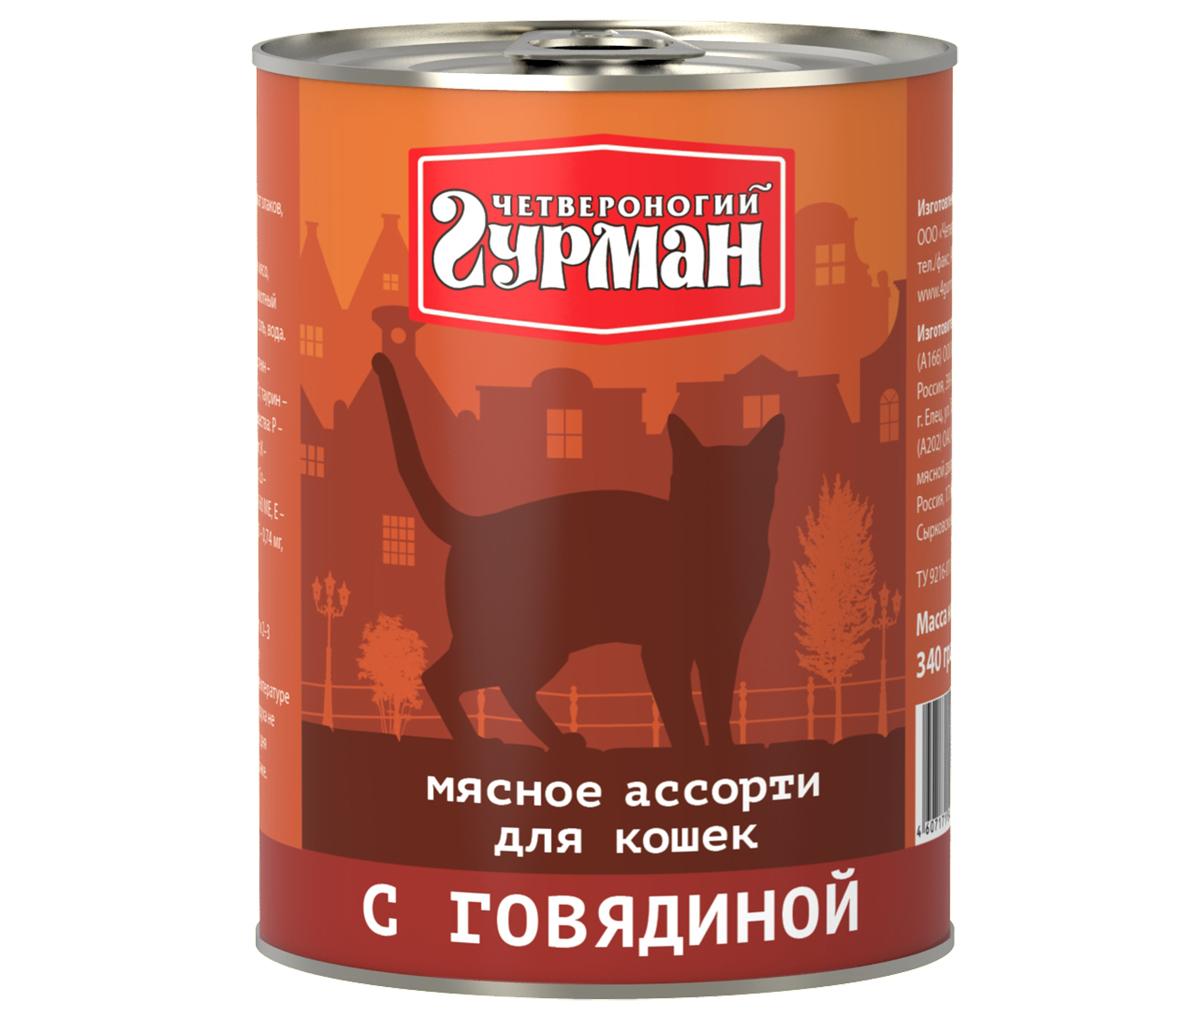 Консервы для кошек Четвероногий Гурман Мясное ассорти, с говядиной, 340 г0120710Консервы для кошек Четвероногий Гурман Мясноеассорти - это влажный мясной корм суперпремиумкласса, состоящий из разных сортов мяса и качественныхсубпродуктов. По консистенции продукт представляетсобой кусочки из фарша размером 3-15 мм. В составвходит коллаген. Его компоненты (хондроитин иглюкозамин) положительно воздействуют на суставыпитомца. Корм не содержит злаков, сои, консервантов, ароматизаторов и ГМО.Состав: говядина (15%), сердце (14%), куриное мясо,легкое, печень, коллагенсодержащее сырьё, животныйбелок, масло растительное, клетчатка, таурин, соль, вода.Товар сертифицирован.